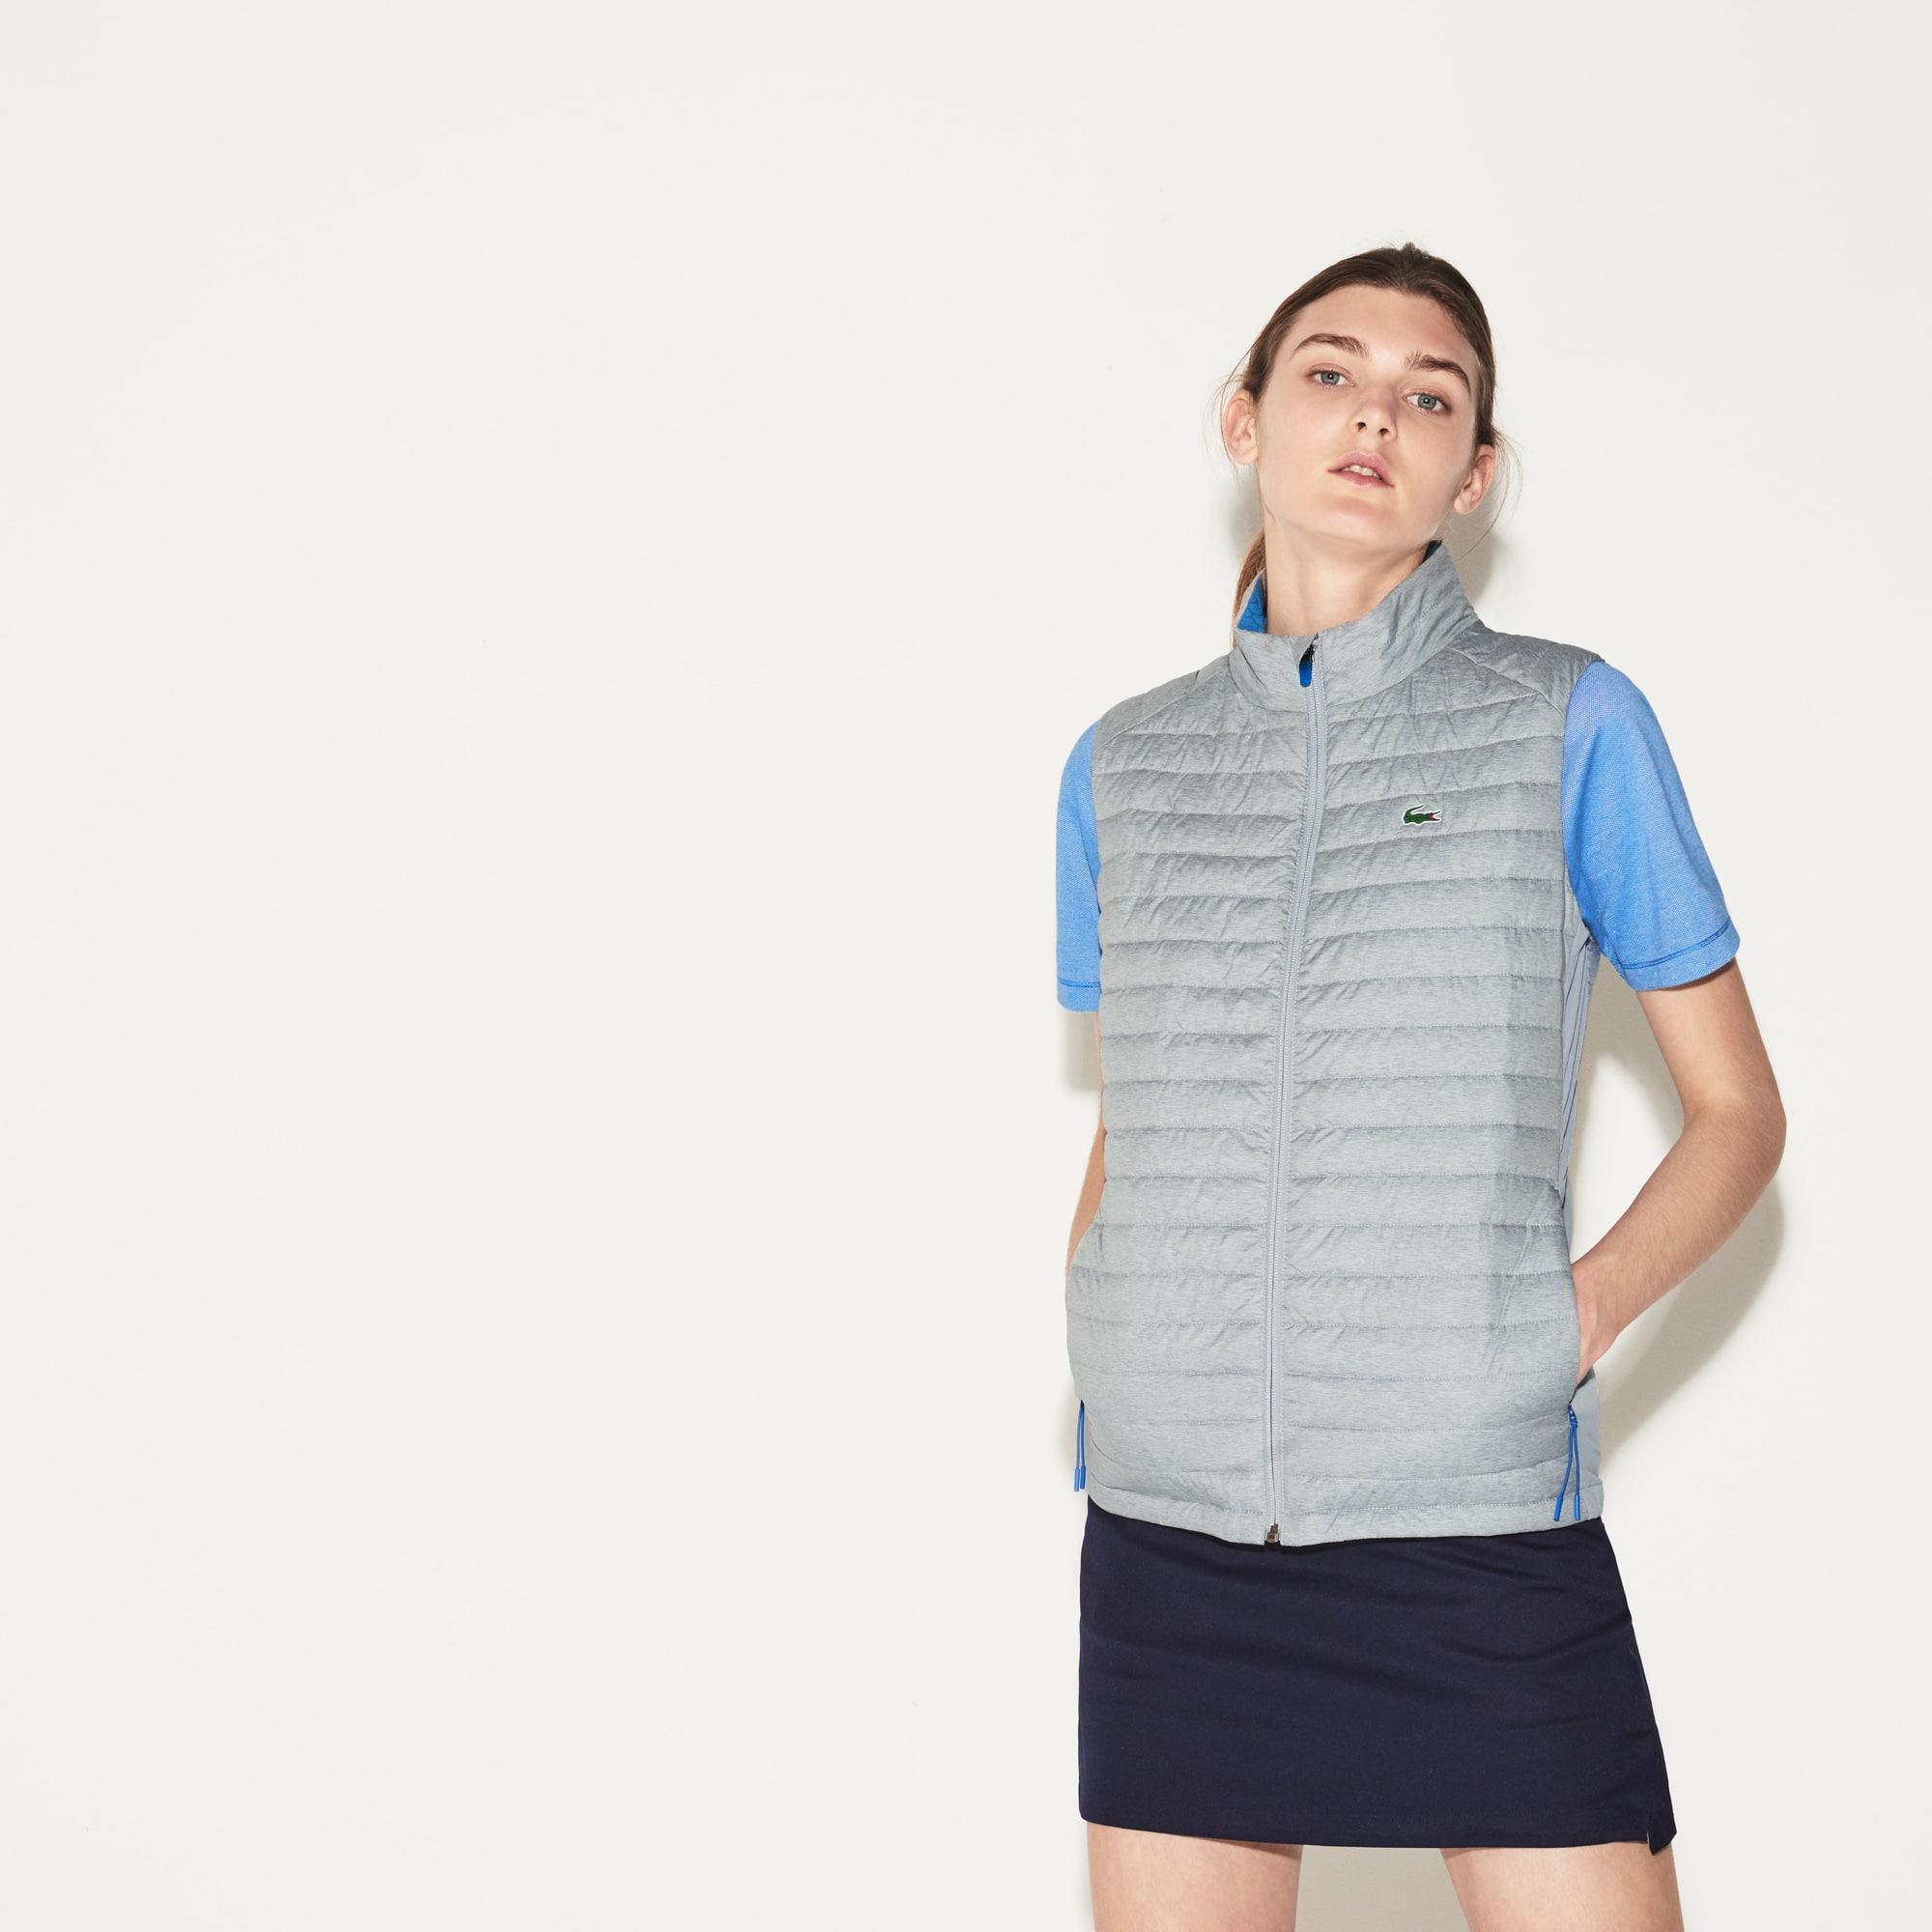 Women's SPORT Technical Taffeta Golf Quilted Vest